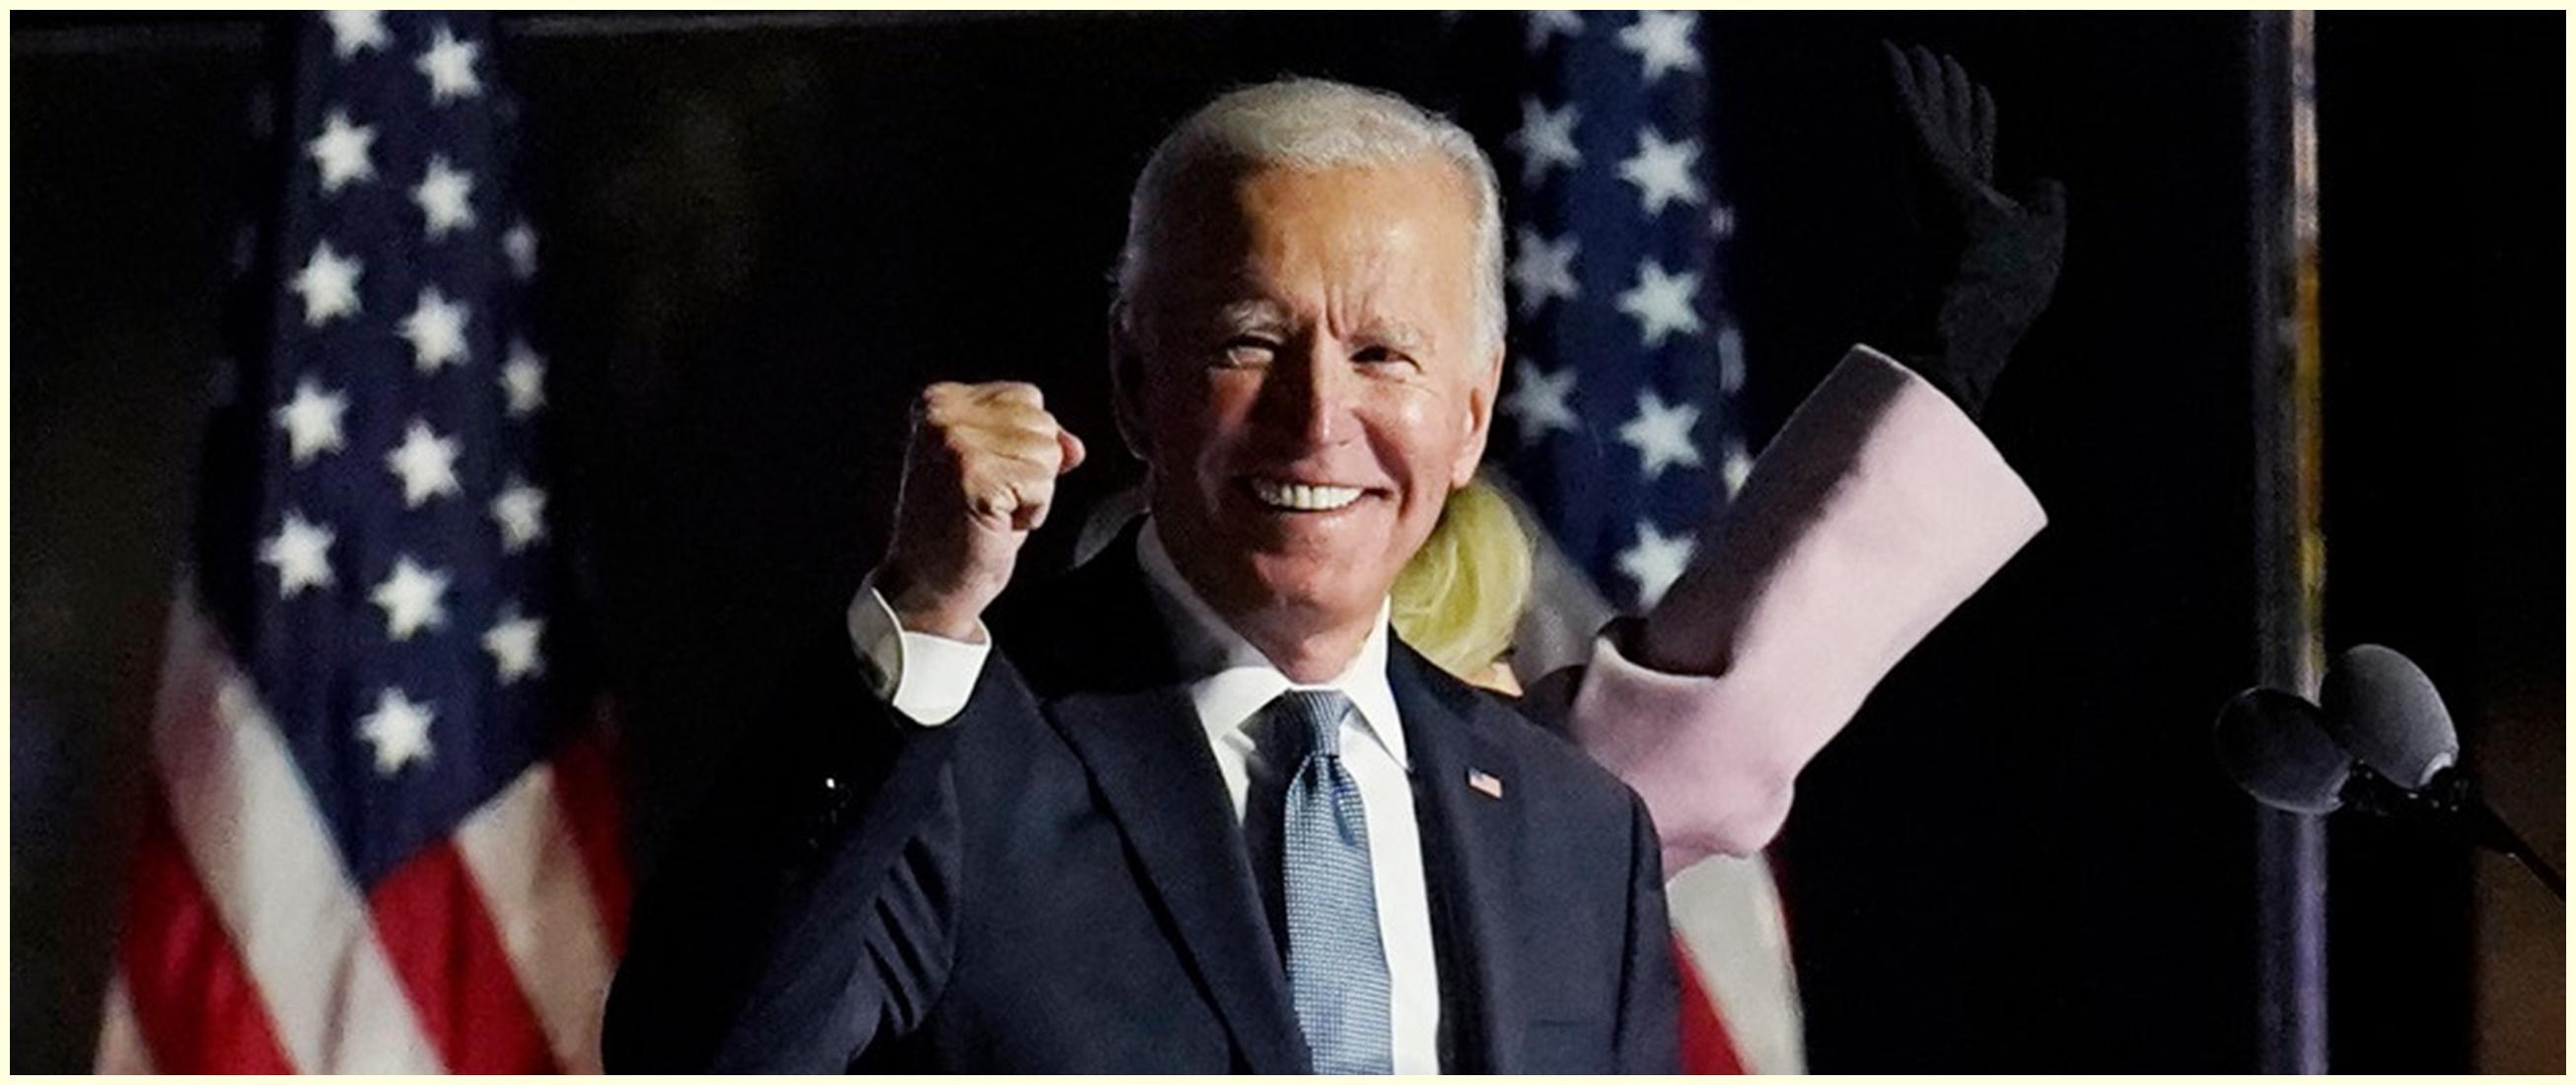 Ini keuntungan bagi Indonesia jika Joe Biden terpilih jadi Presiden AS